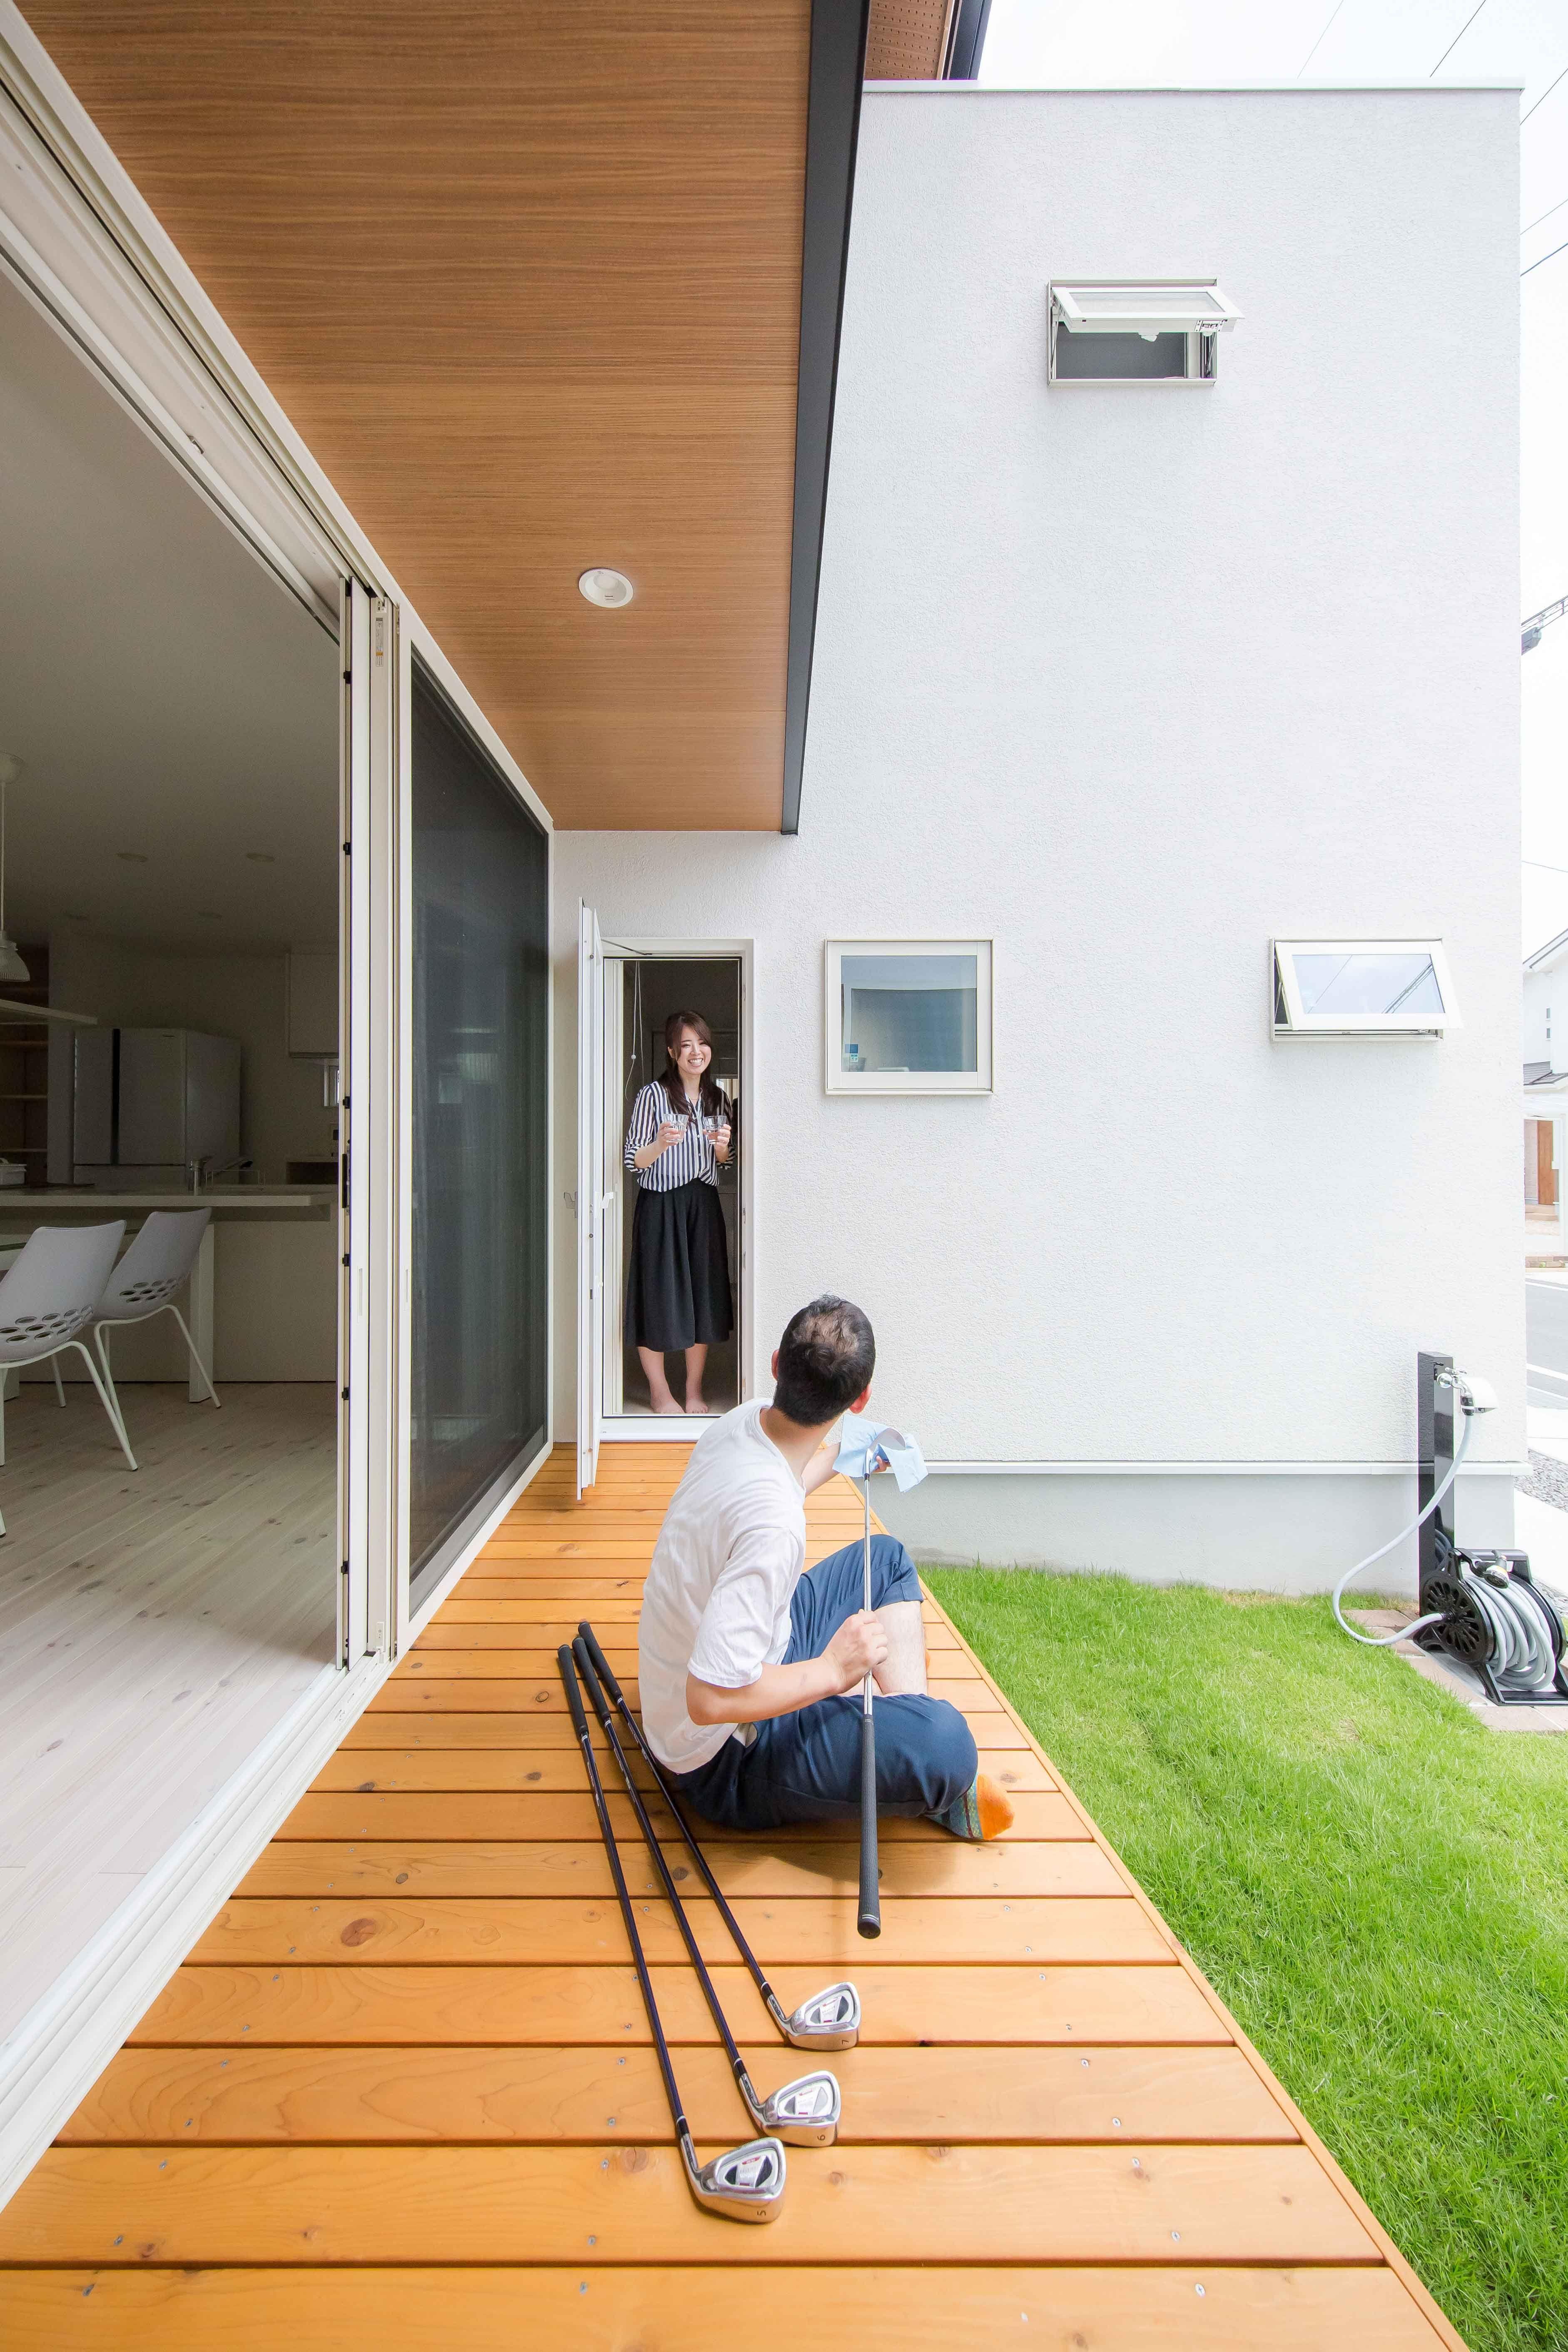 居心地のいい 内と外をつなぐウッドデッキ ルポハウス 設計士と